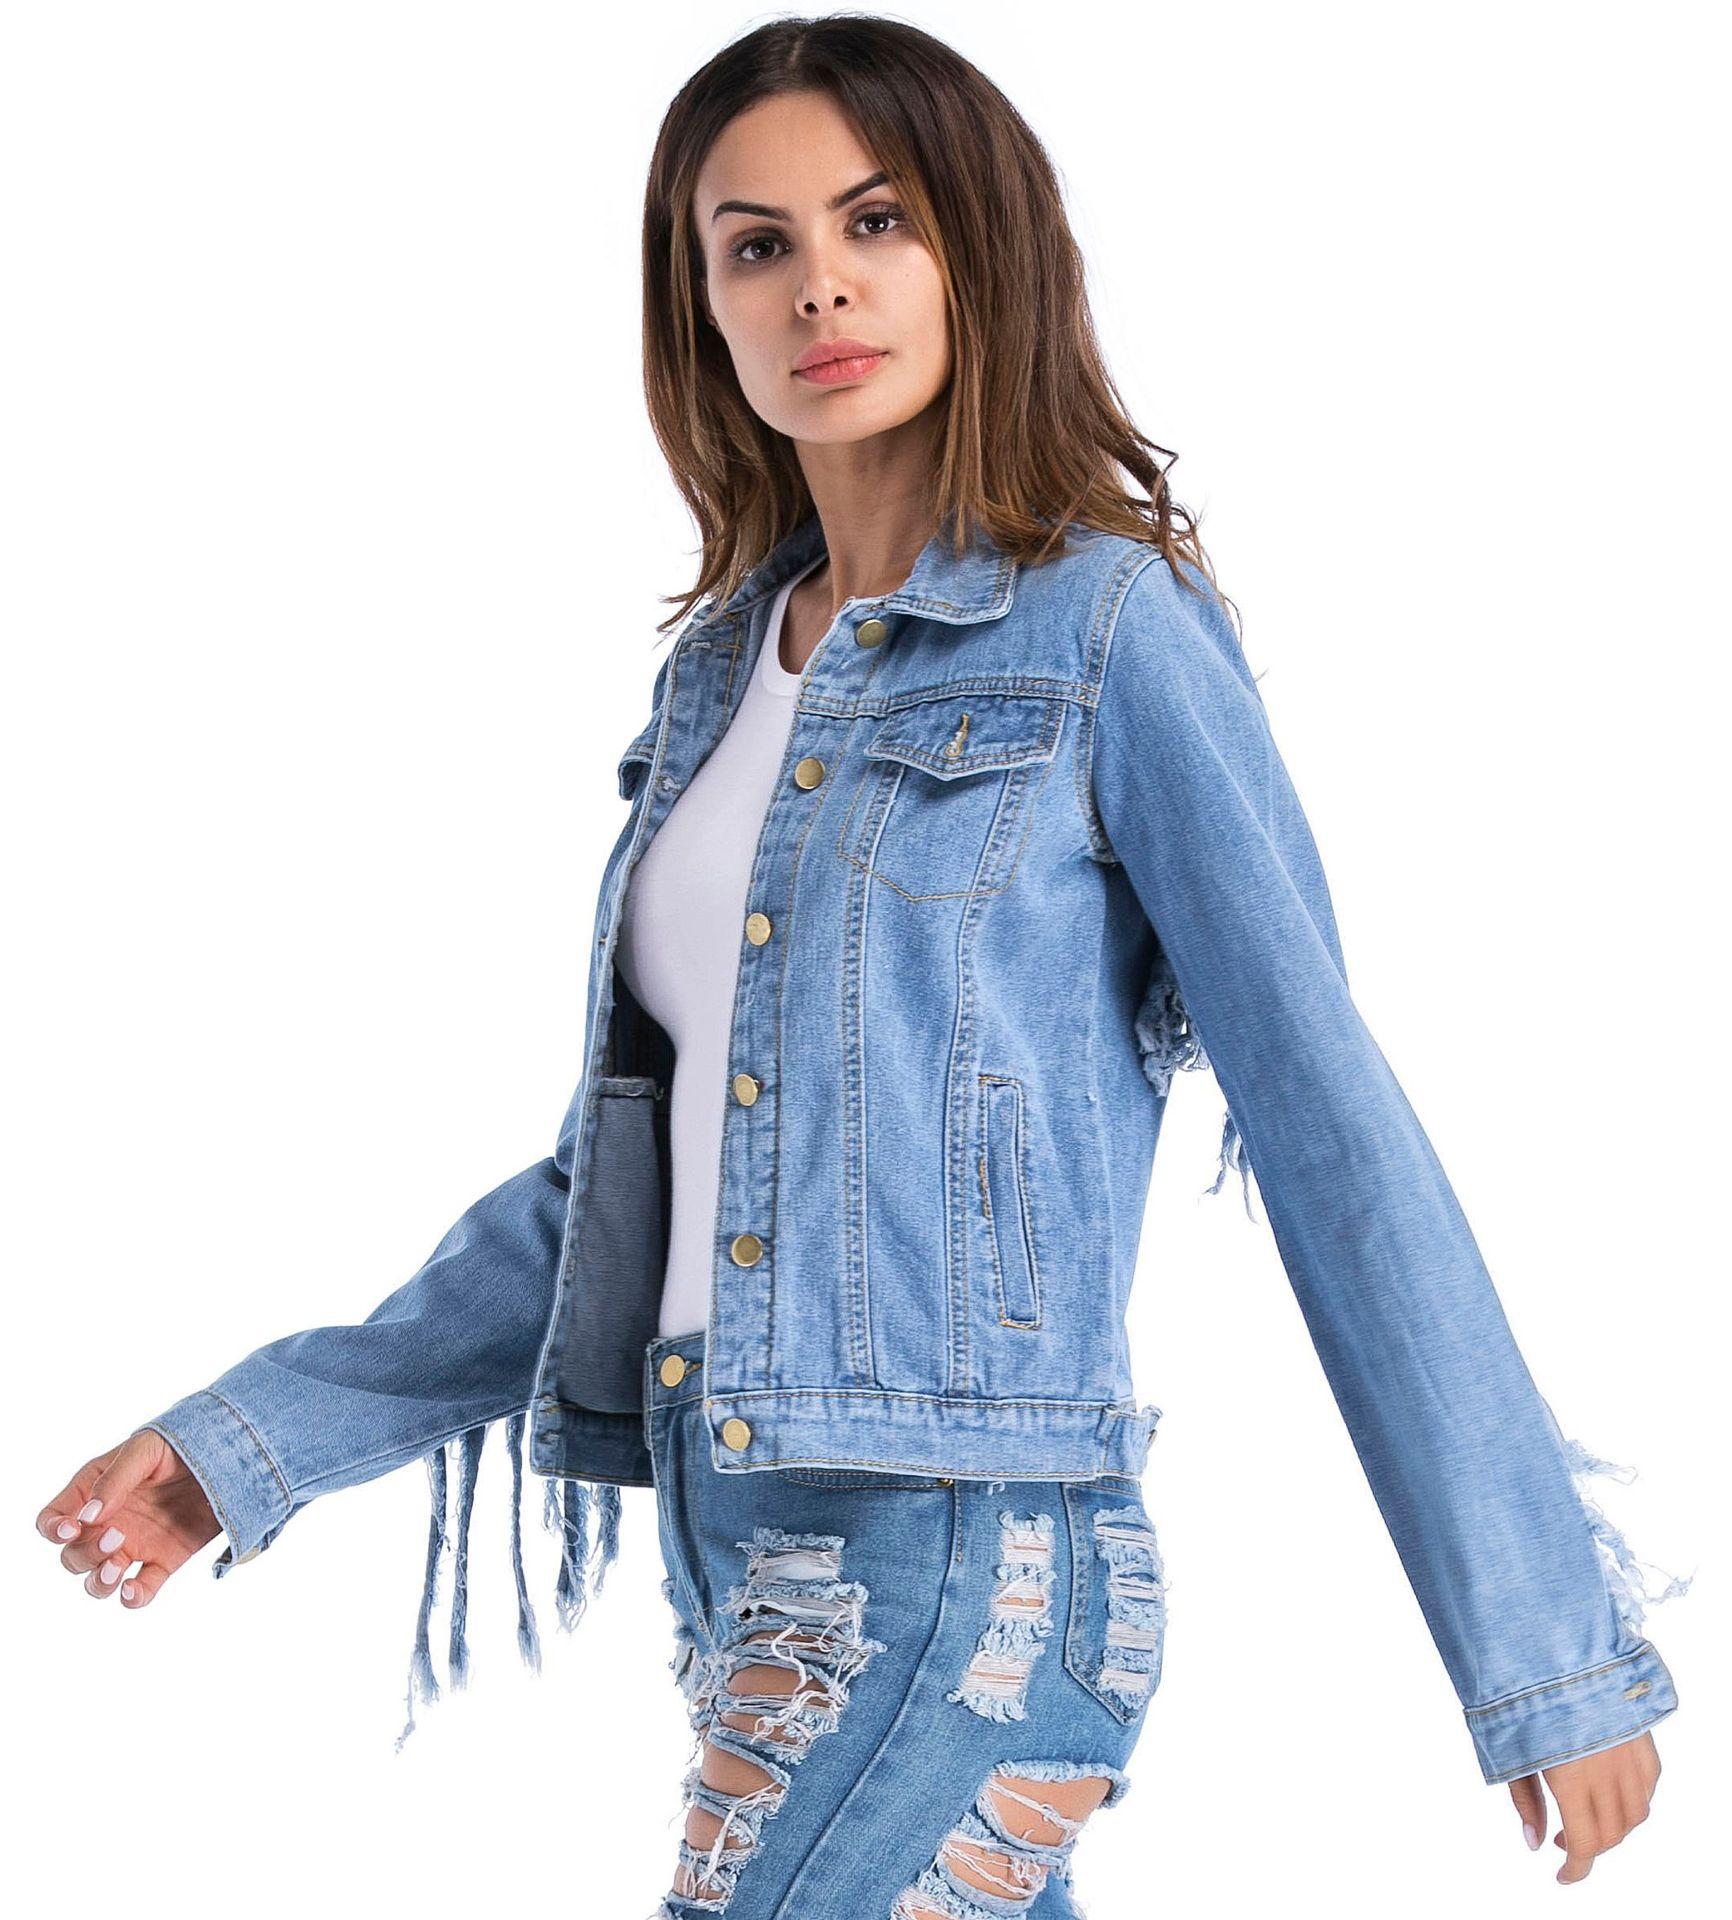 Pour Casual La Manches Taille Godier Manteau Longues 5xl M Vestes Bomber Denim Femme Femmes Plus Coréenne Gland Jeans Veste Zipper Bleu À Vêtements FxwwE6fpqU